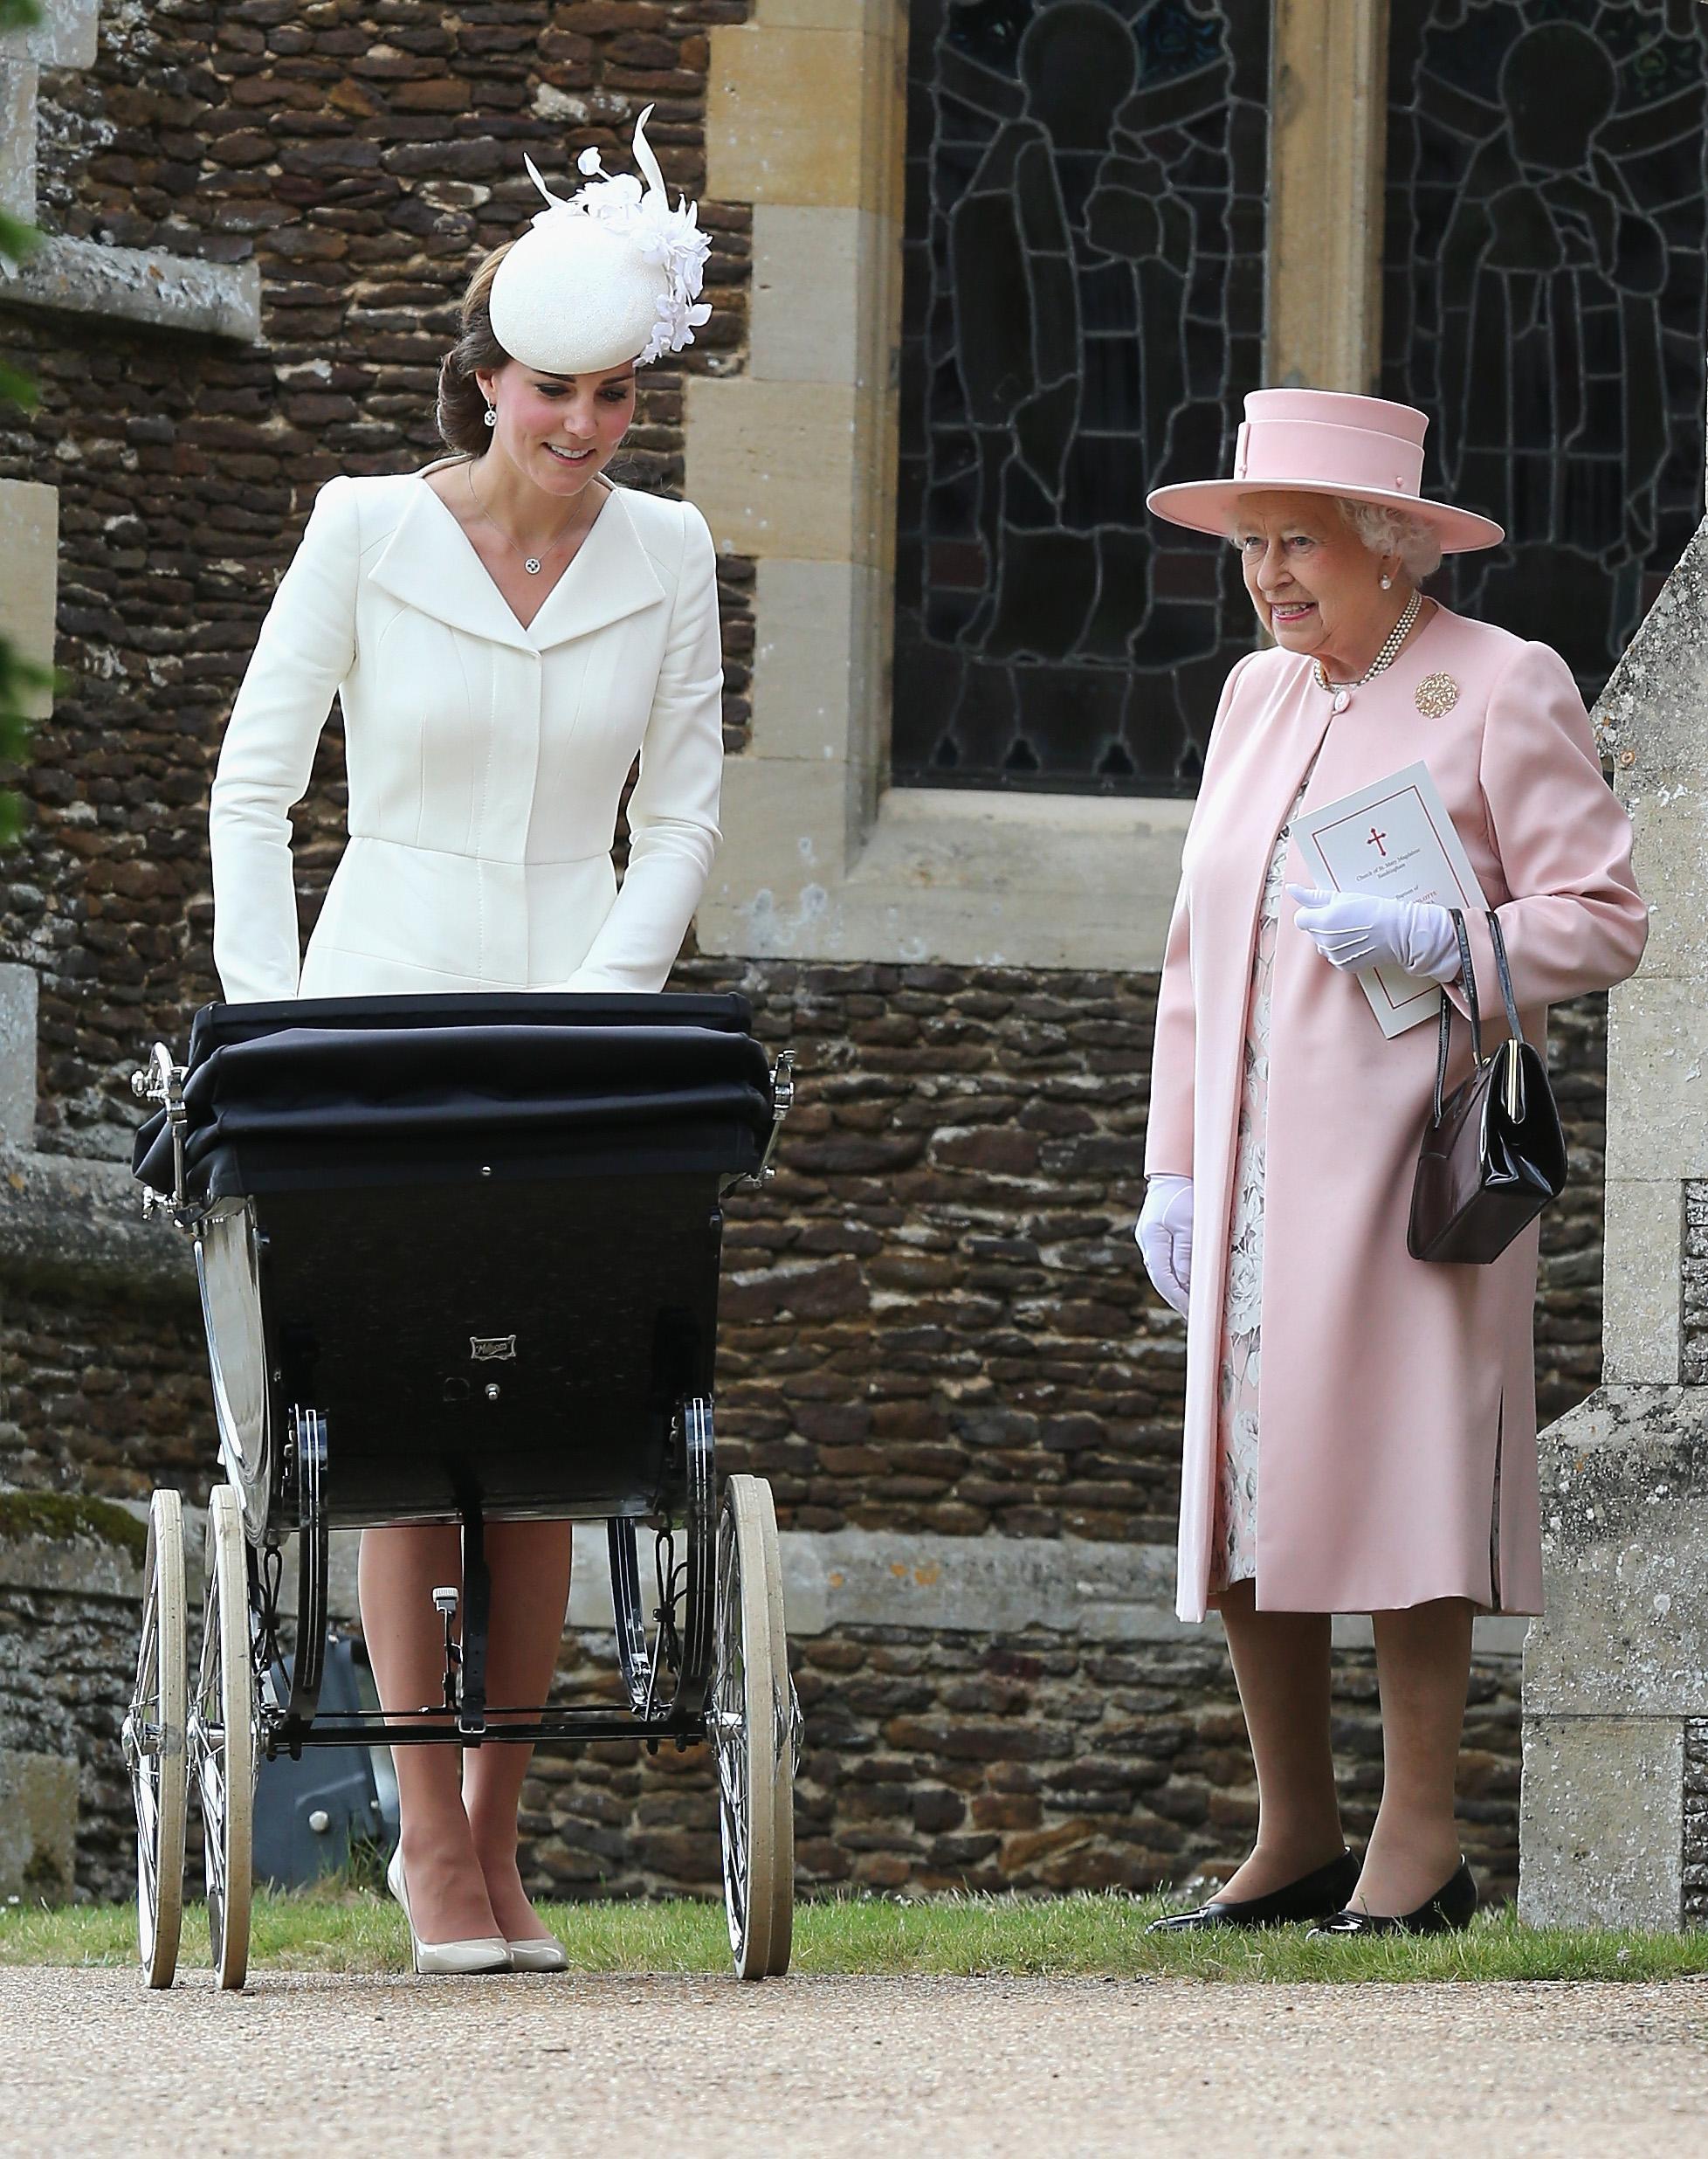 Kate Middleton arriva a Palazzo per un tè con la Regina senza autista.